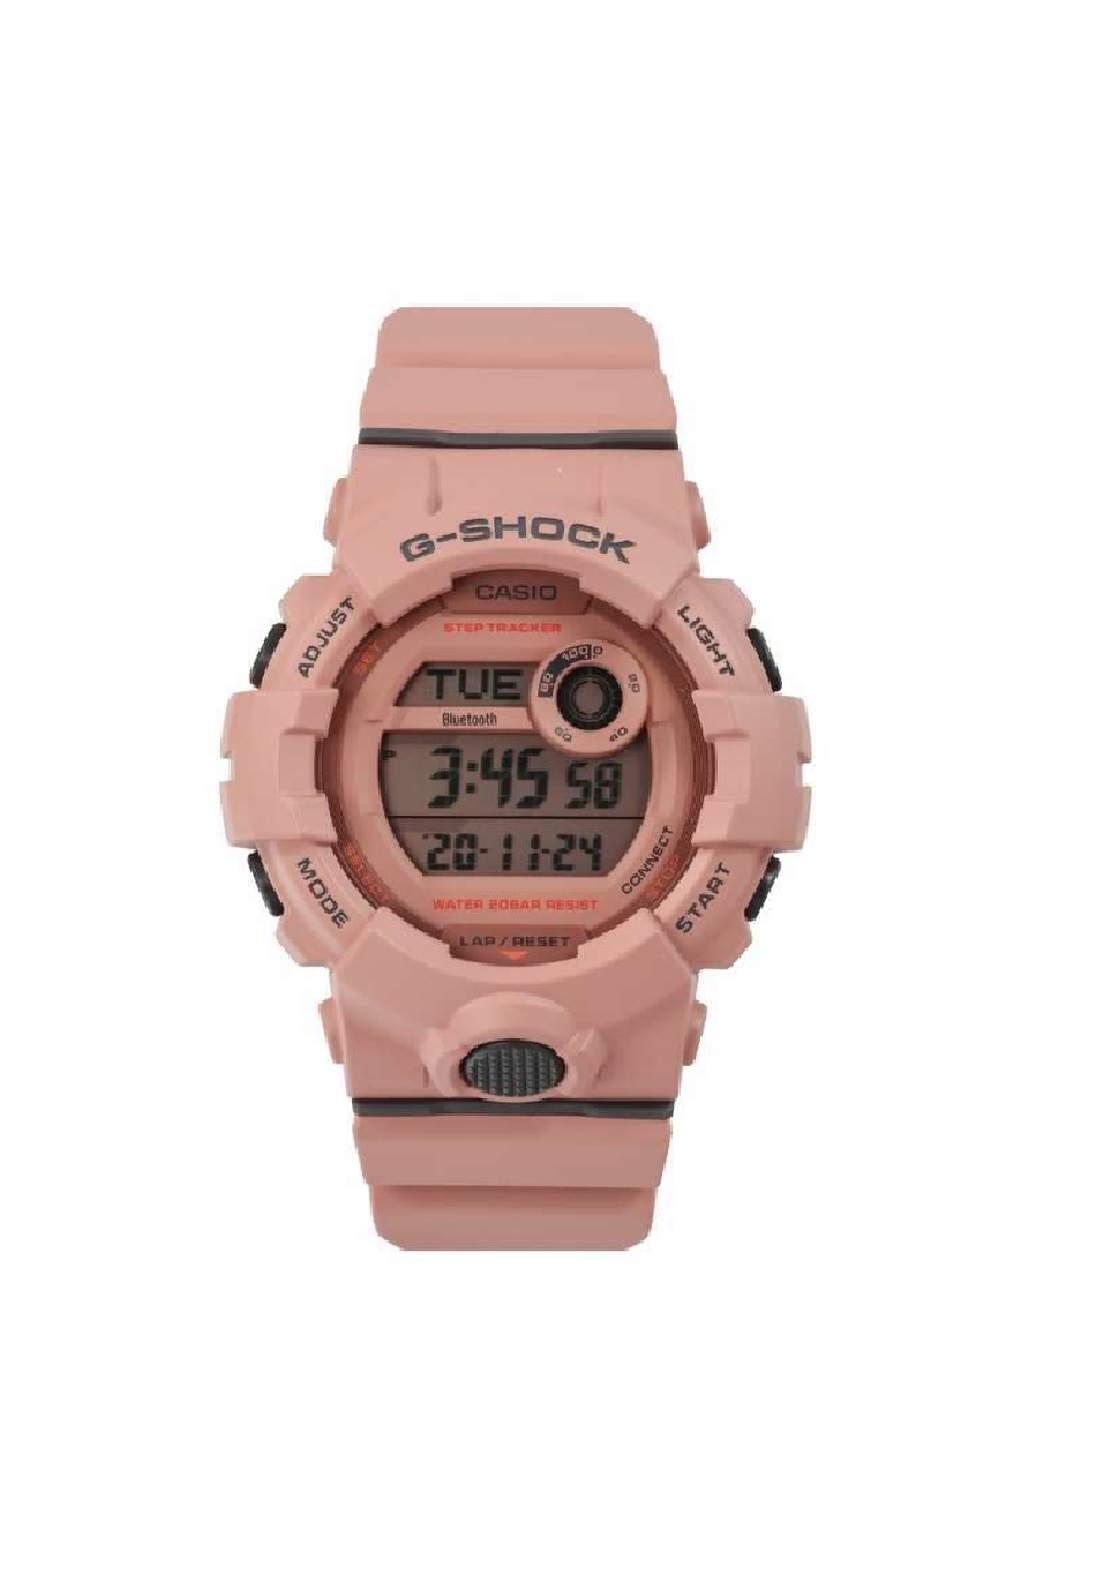 ساعة نسائية رياضية Casio GMD-B800SU-4DR وردية اللون